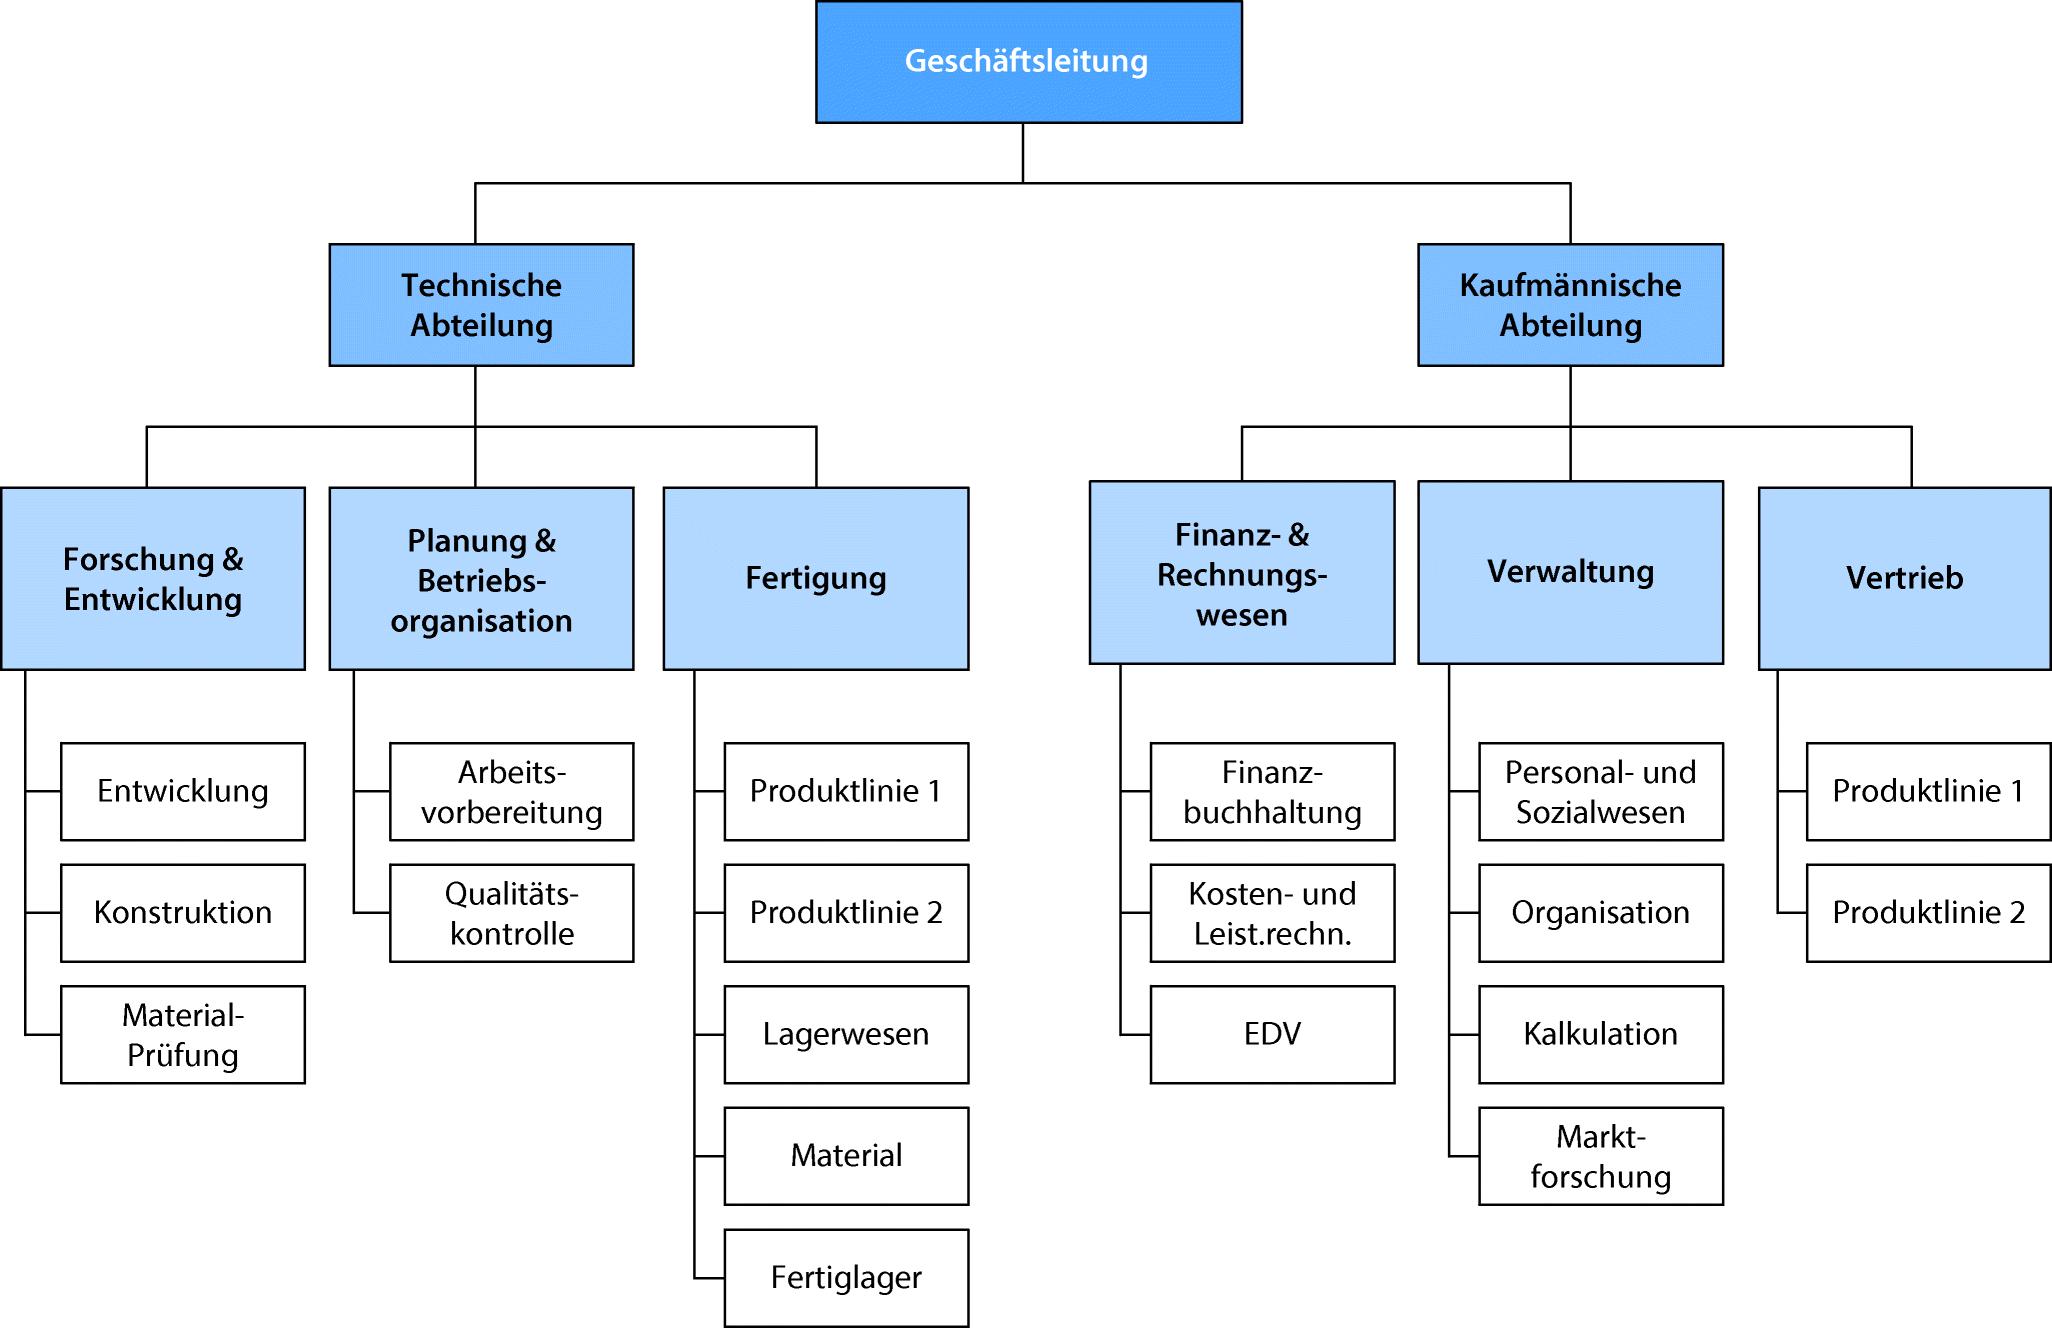 Organigramm Vorlage Vorteile Beispiele Tipps 9